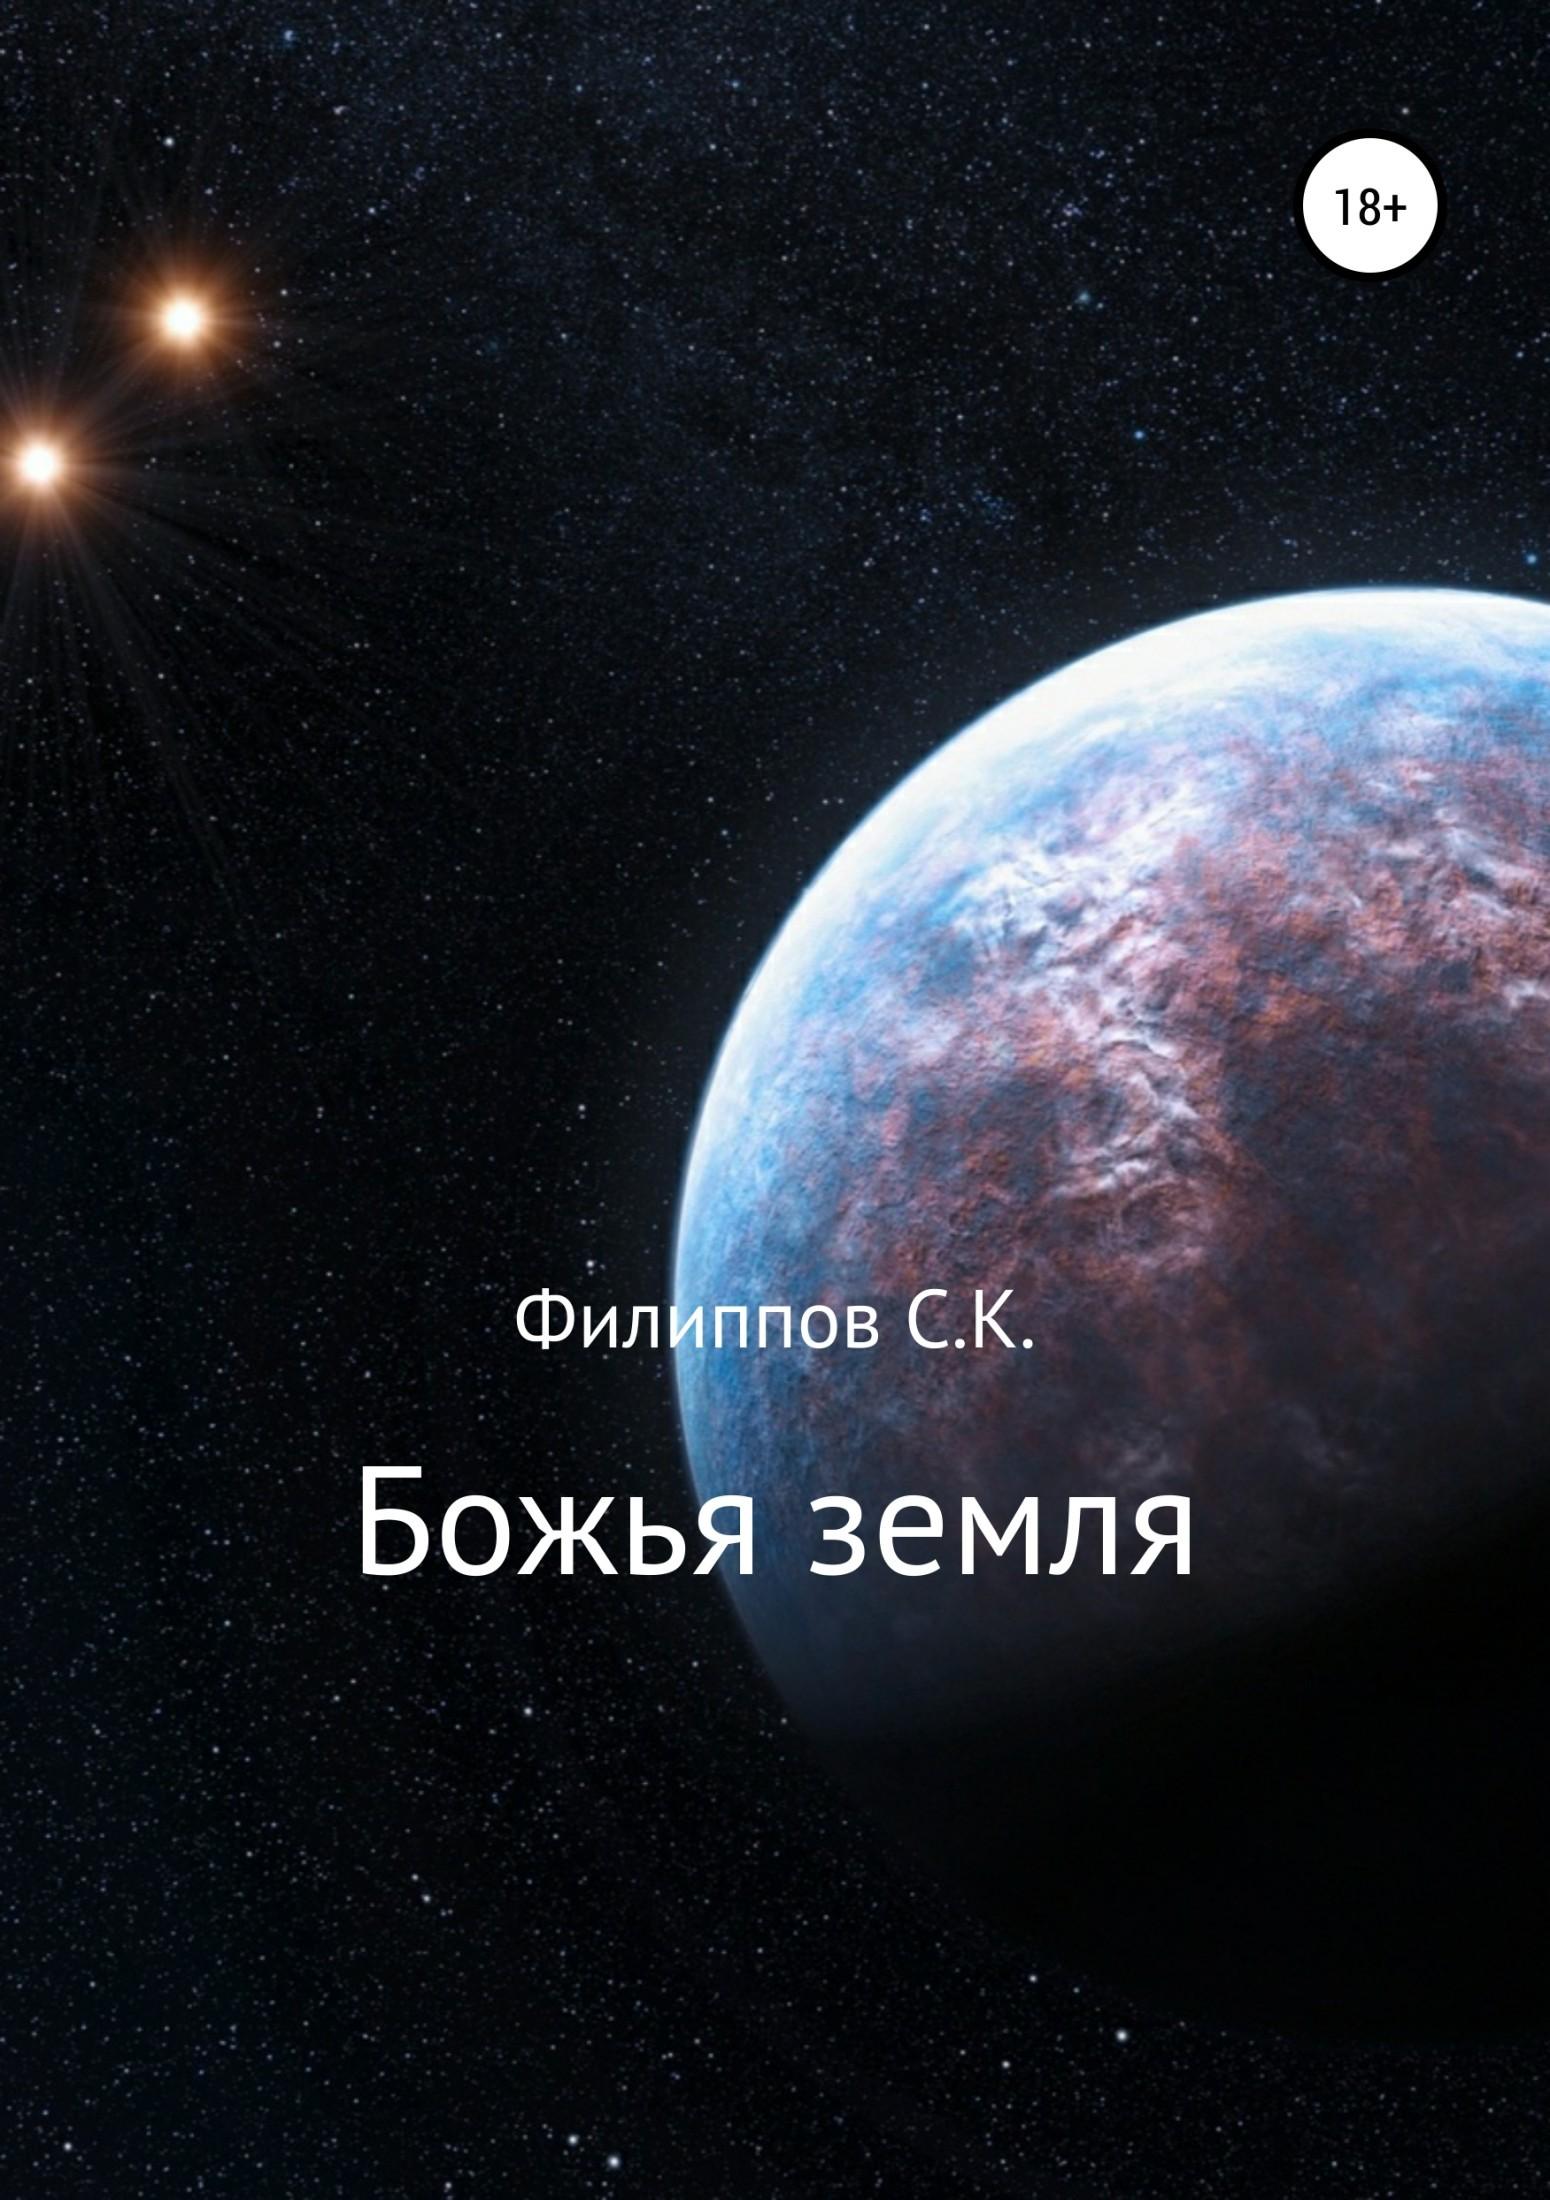 Сергей Филиппов - Божья земля